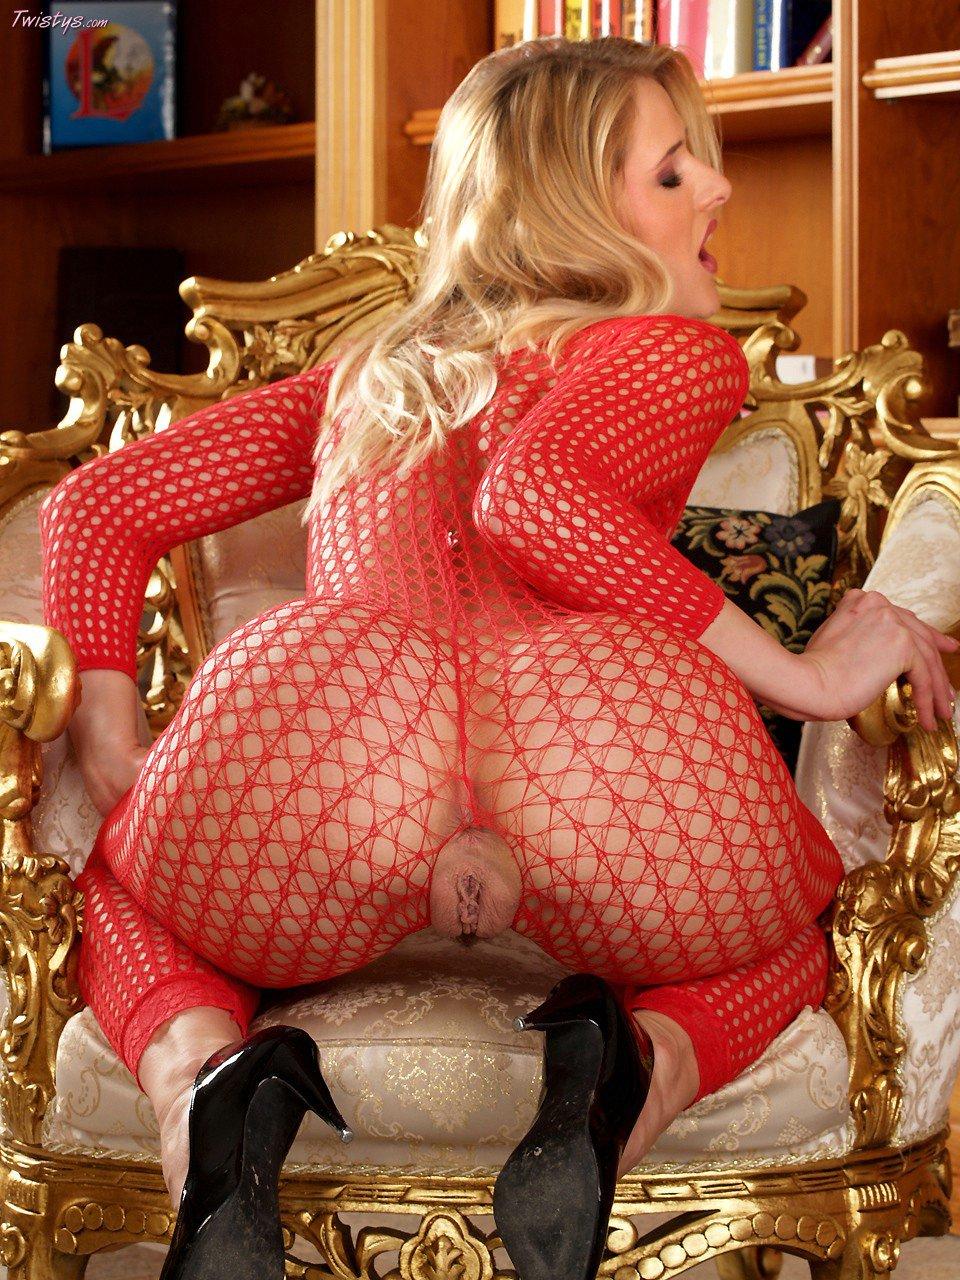 hot blonde dildo Search  XNXXCOM